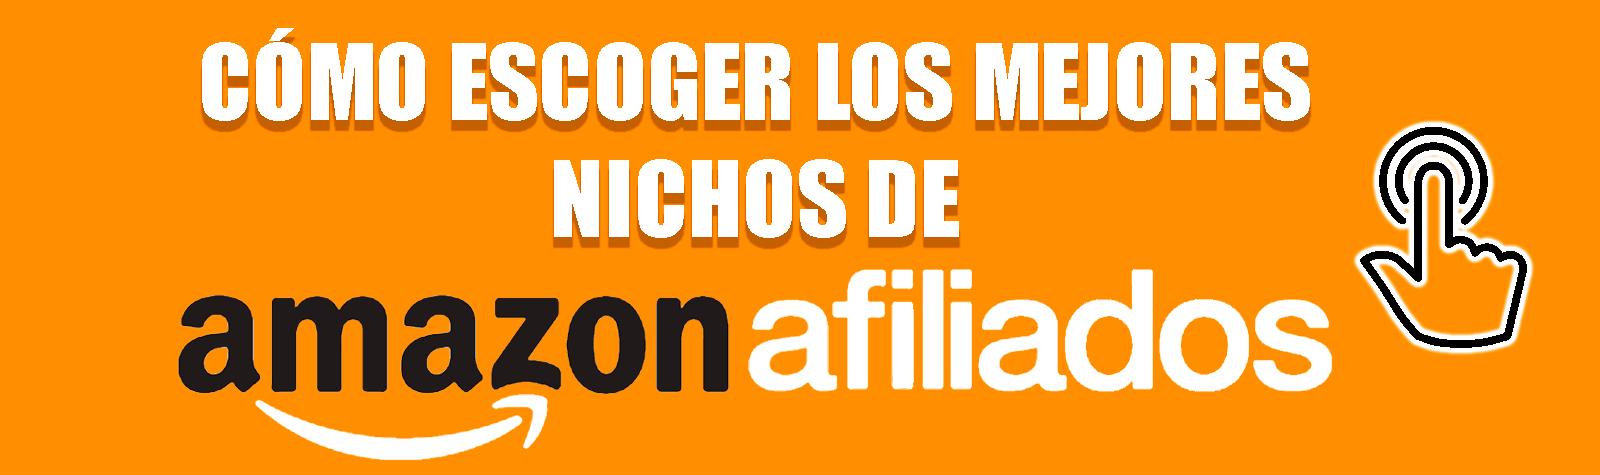 Nichos-de-Amazon-Afiliados